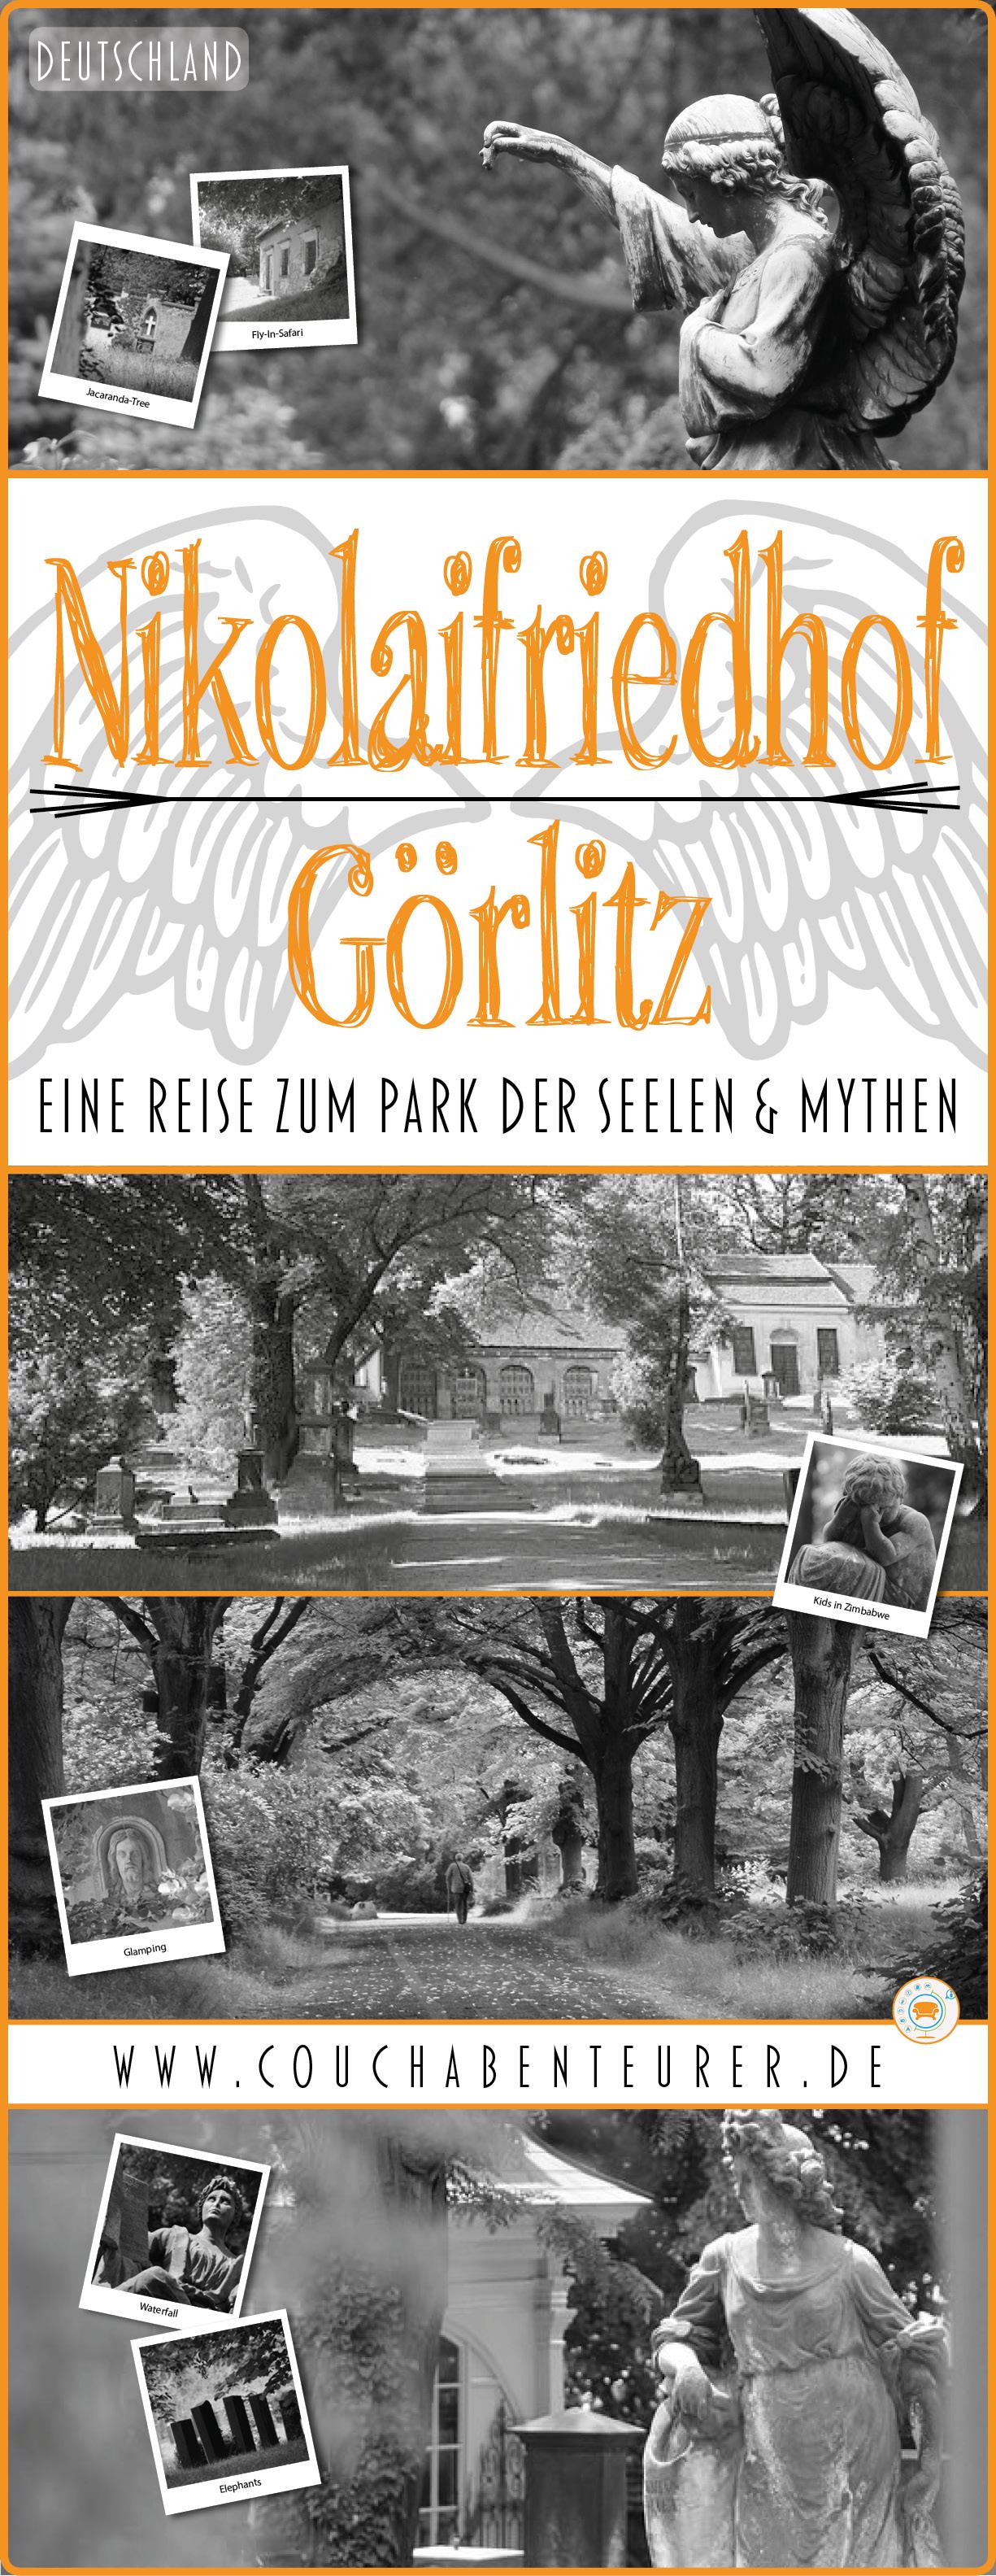 Nikolaifriedhof-Görlitz-Informationen